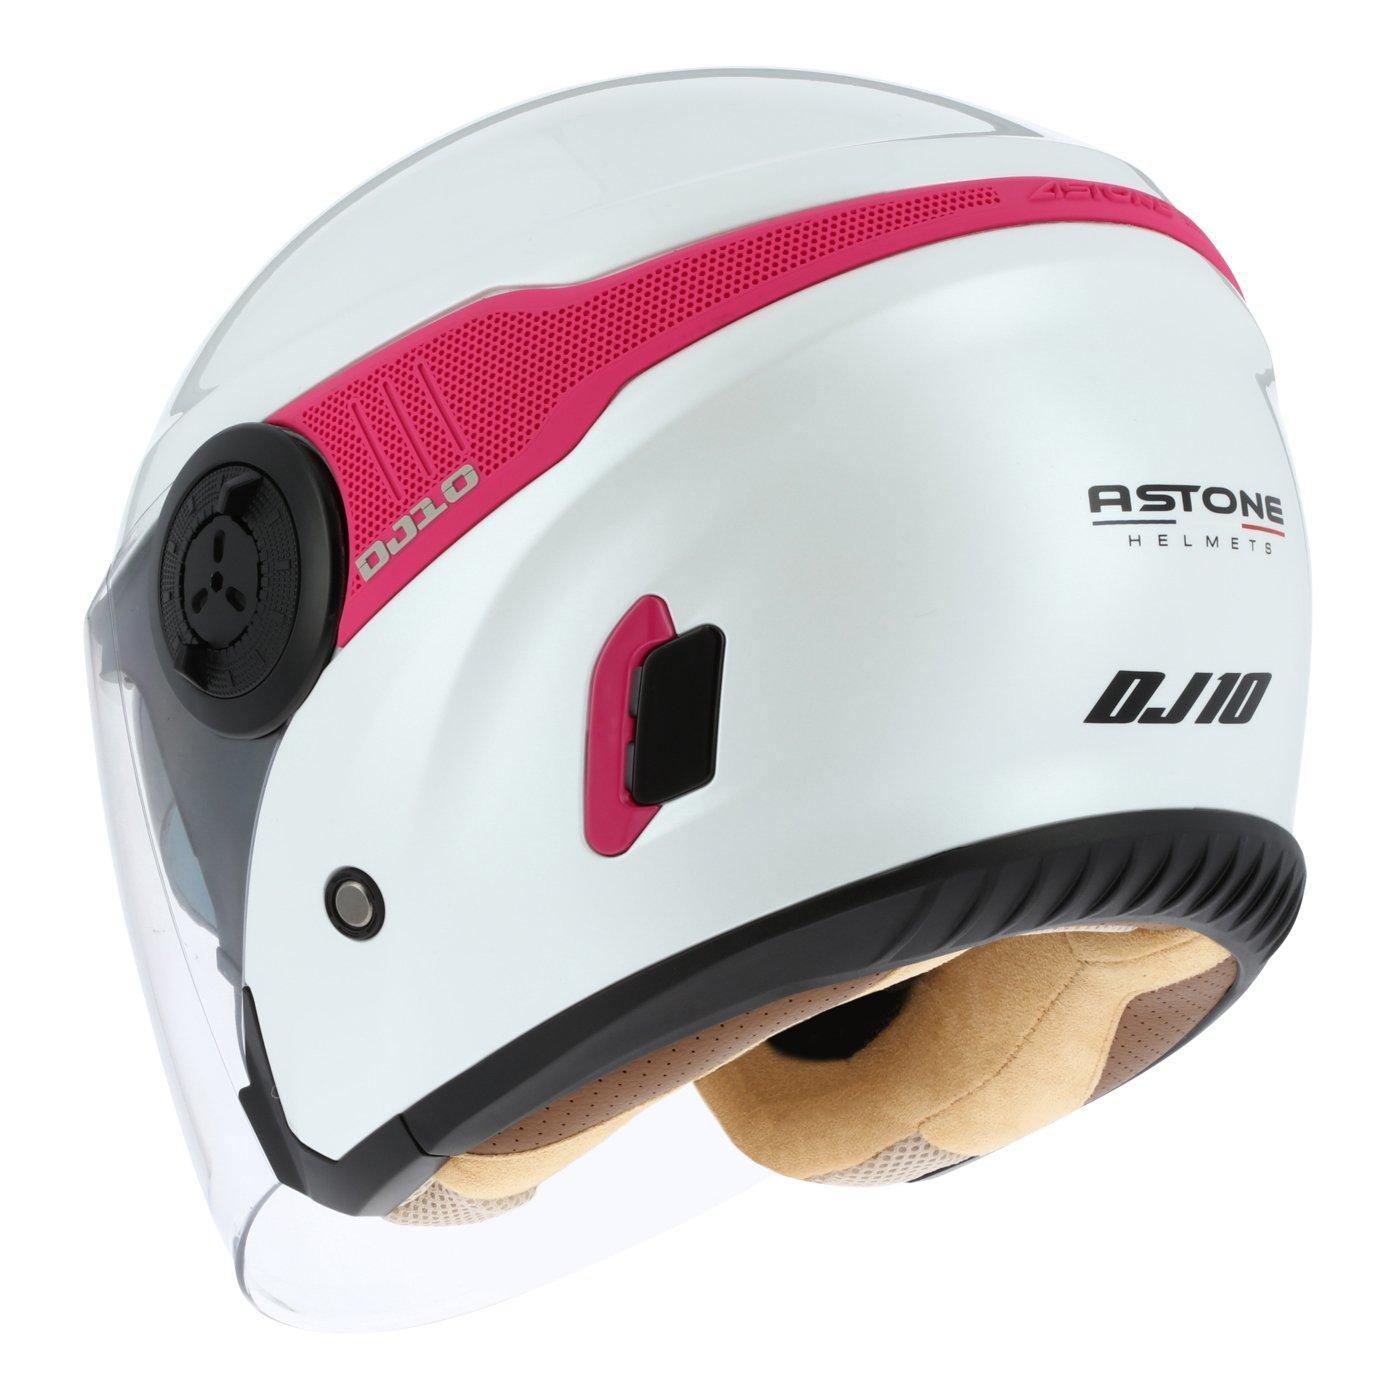 Casco da moto Jet Astone Helmets DJ 10 DJ10-2M-PWBXXL